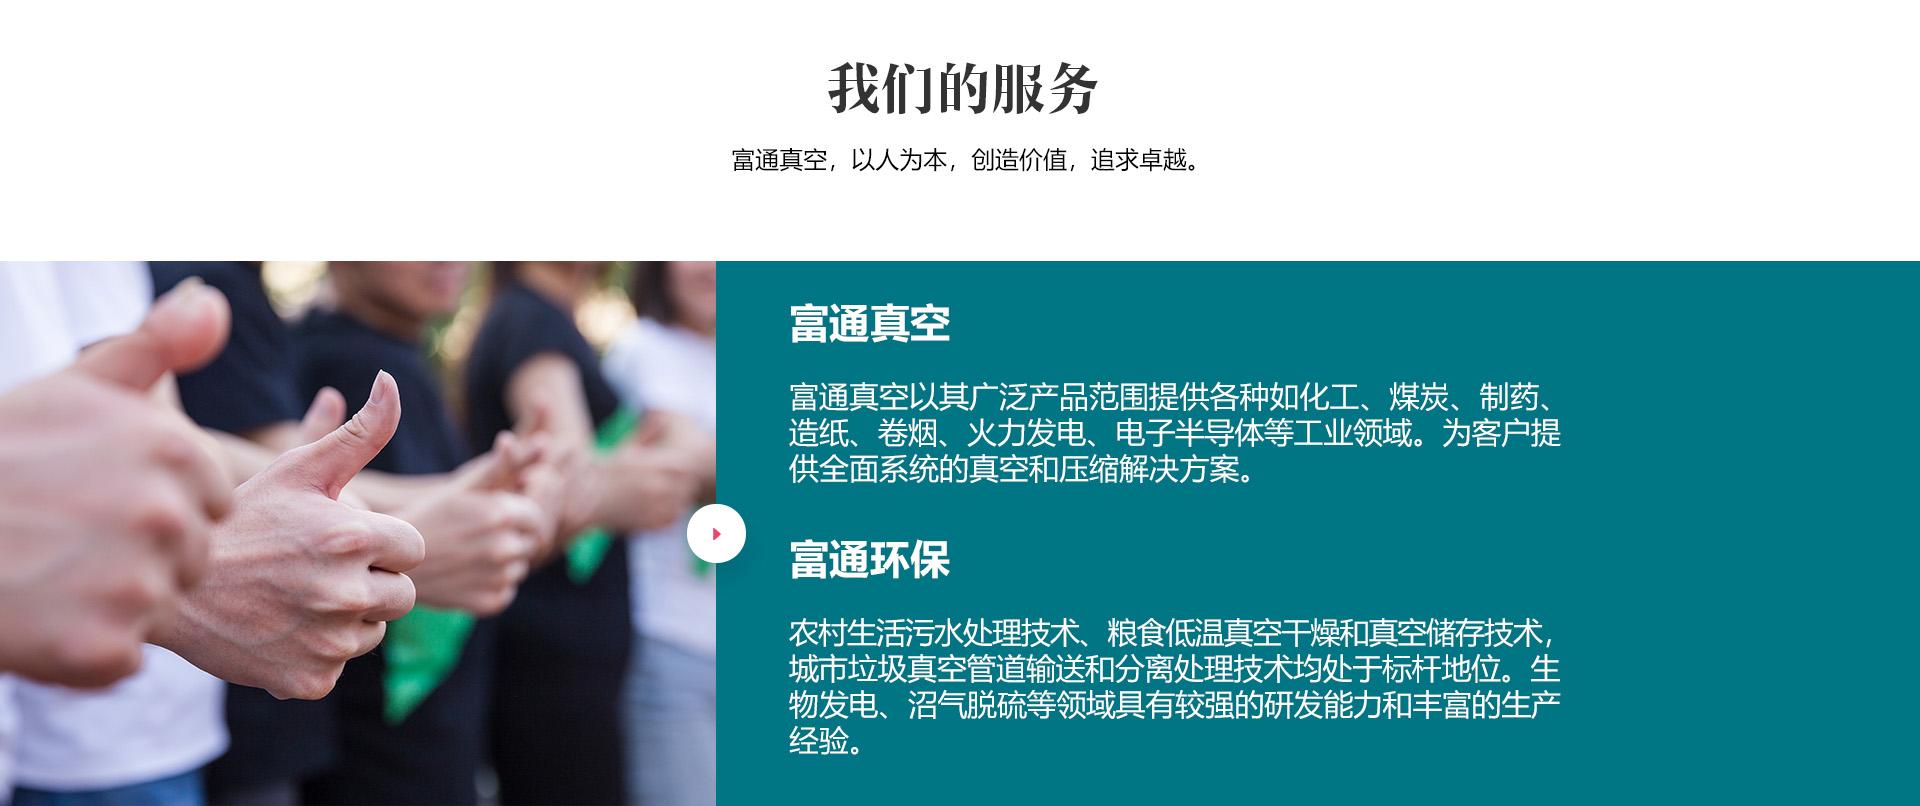 安徽雷火电竞app官网下载服务